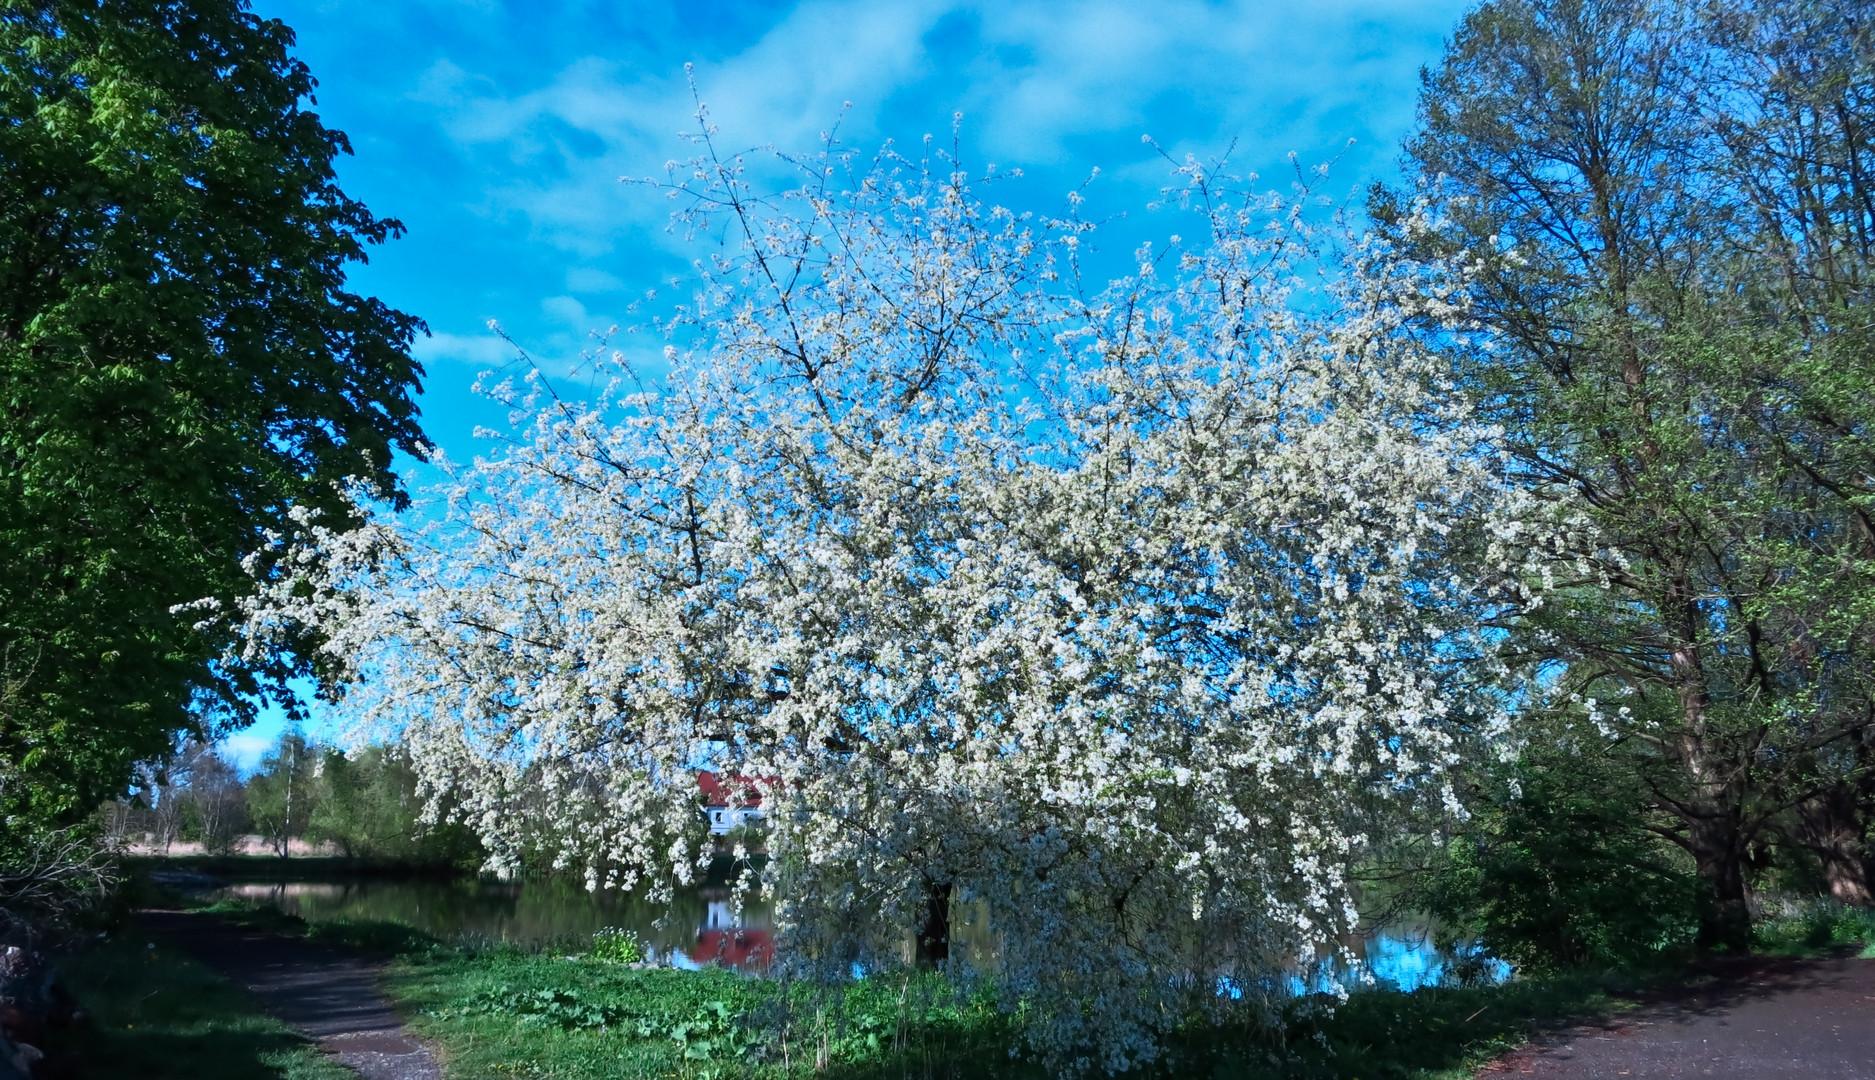 noch ein Frühlingsbild...